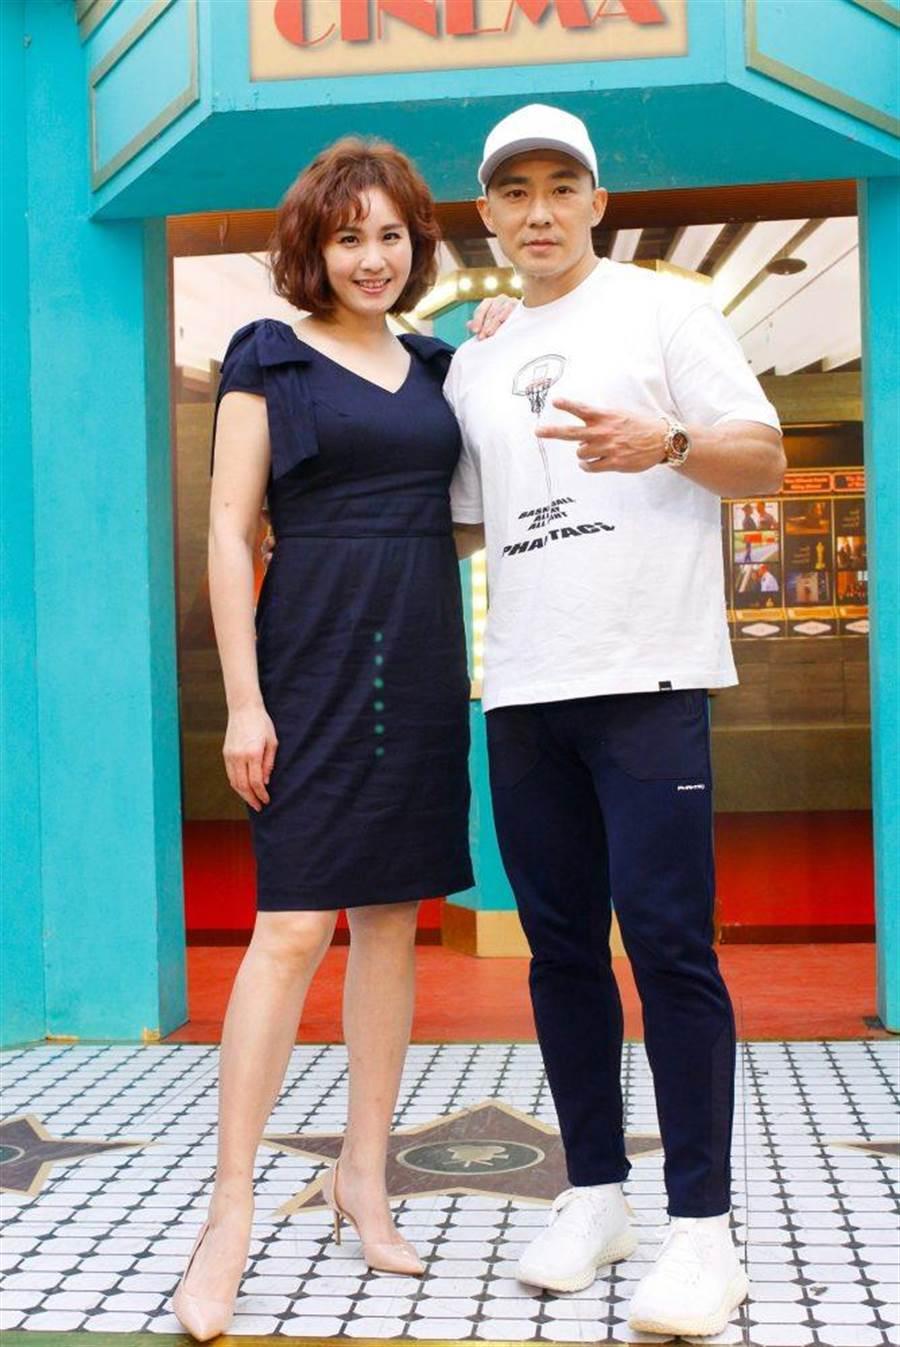 劉畊宏(右)、王婉霏夫妻聊育兒趣事。(衛視中文台提供)